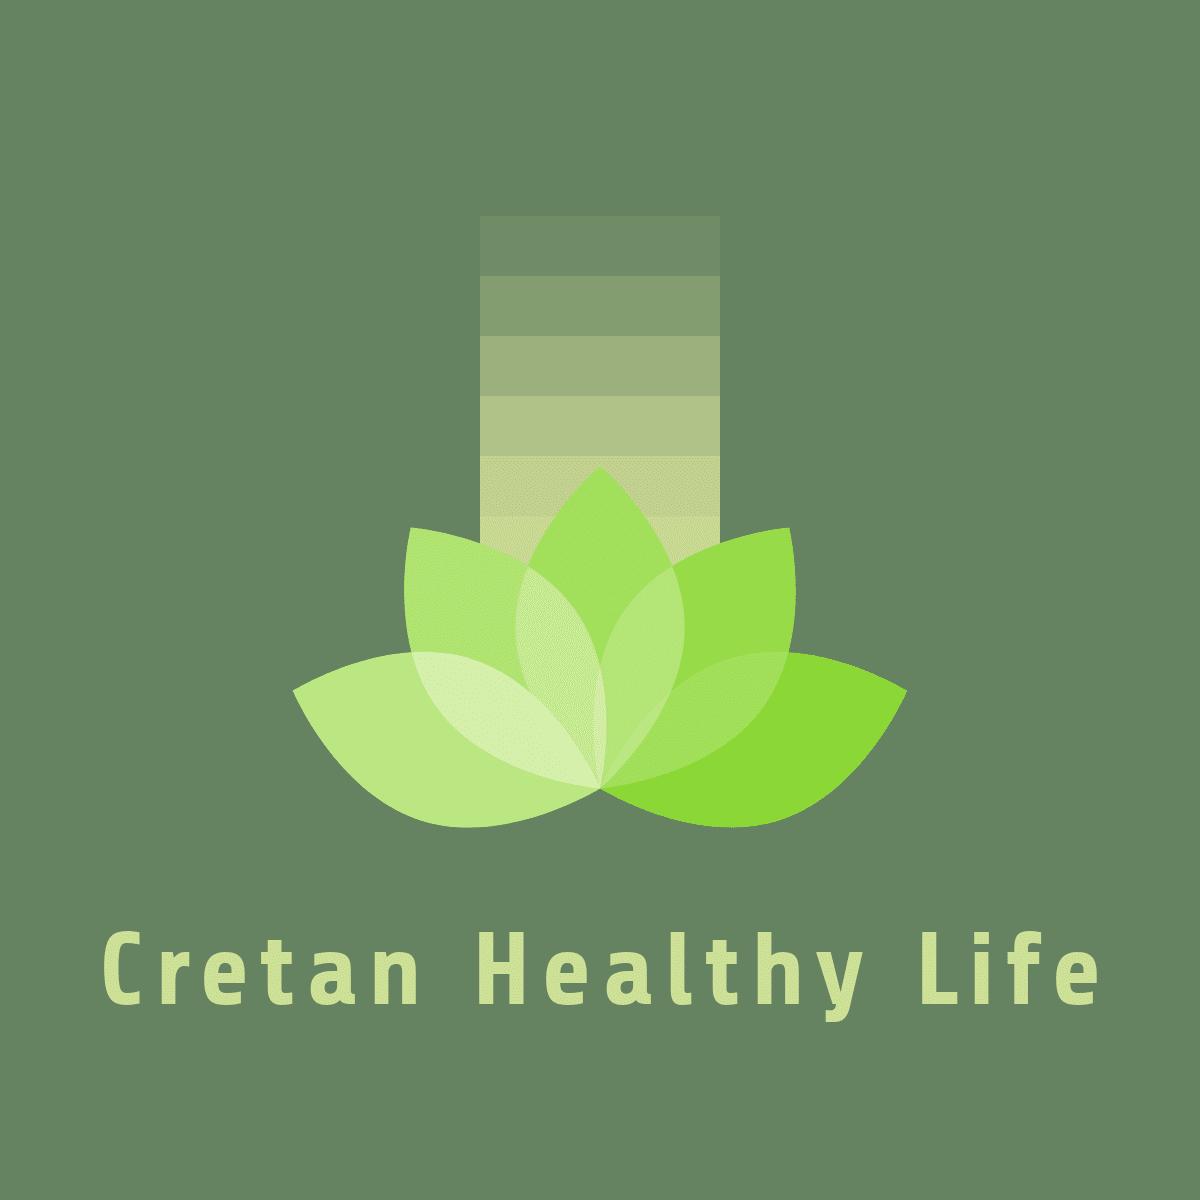 Cretan Healthy Life